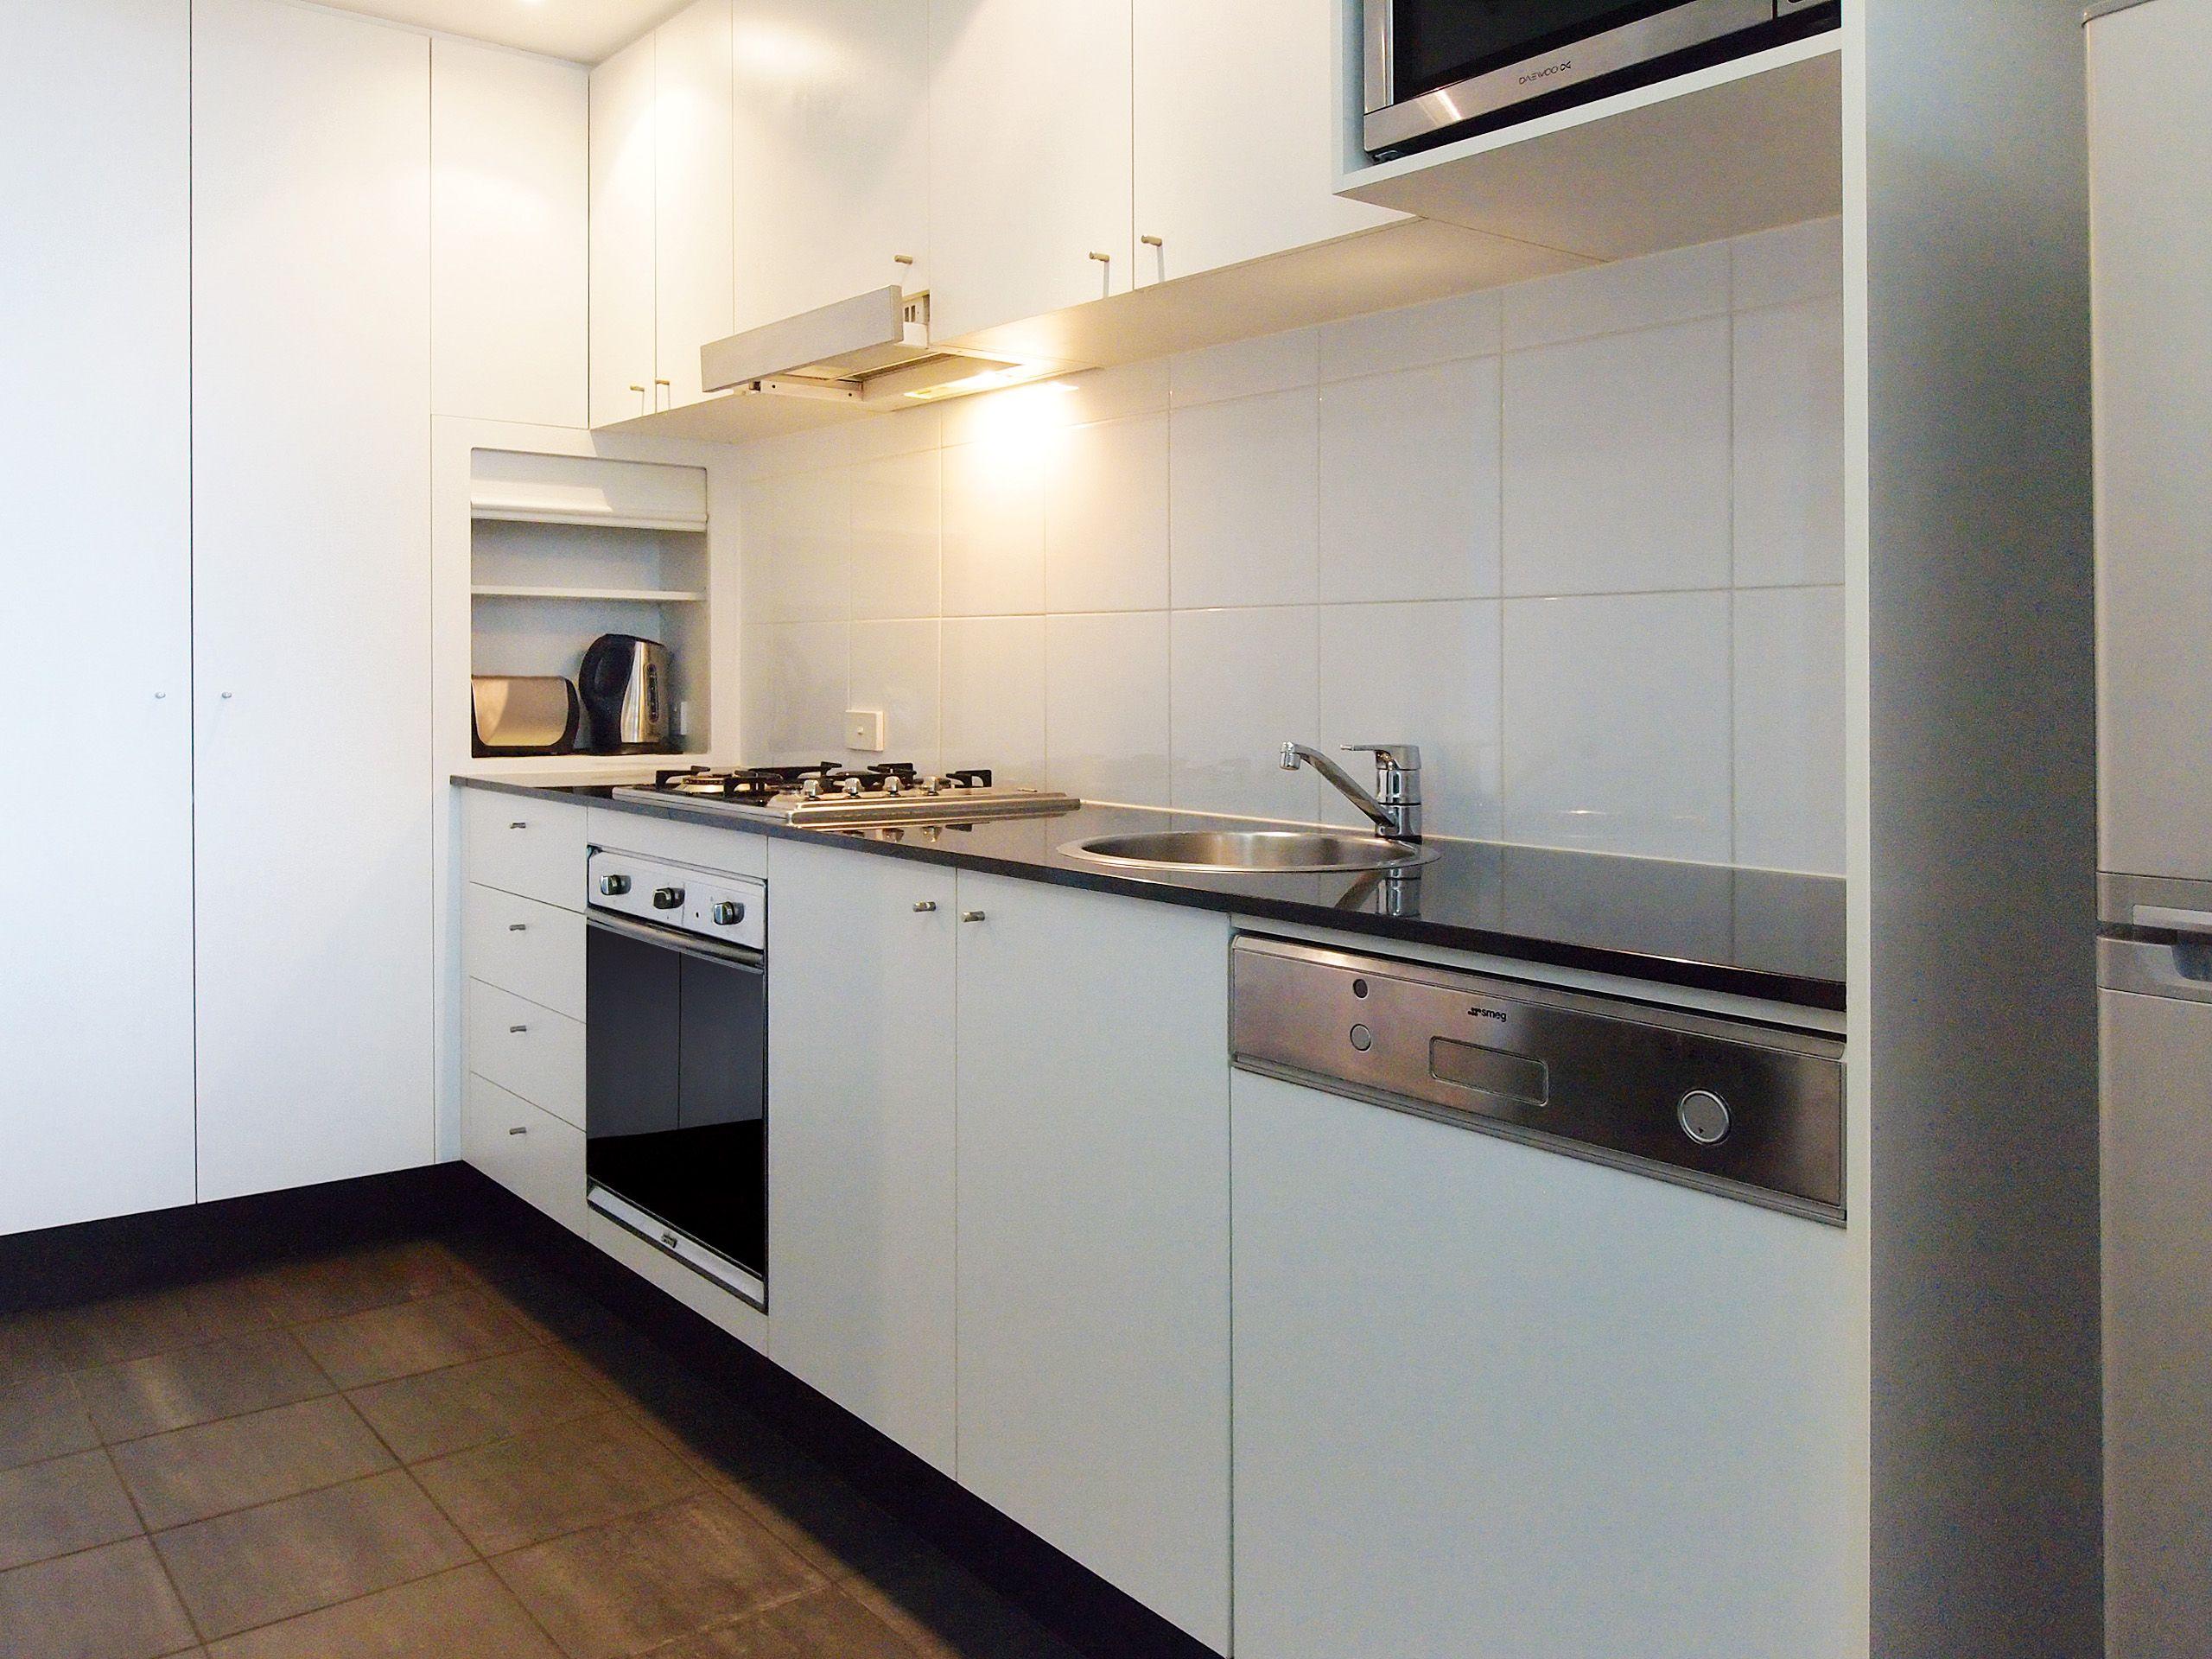 Ausgezeichnet Diy Kit Küche Brisbane Fotos - Ideen Für Die Küche ...